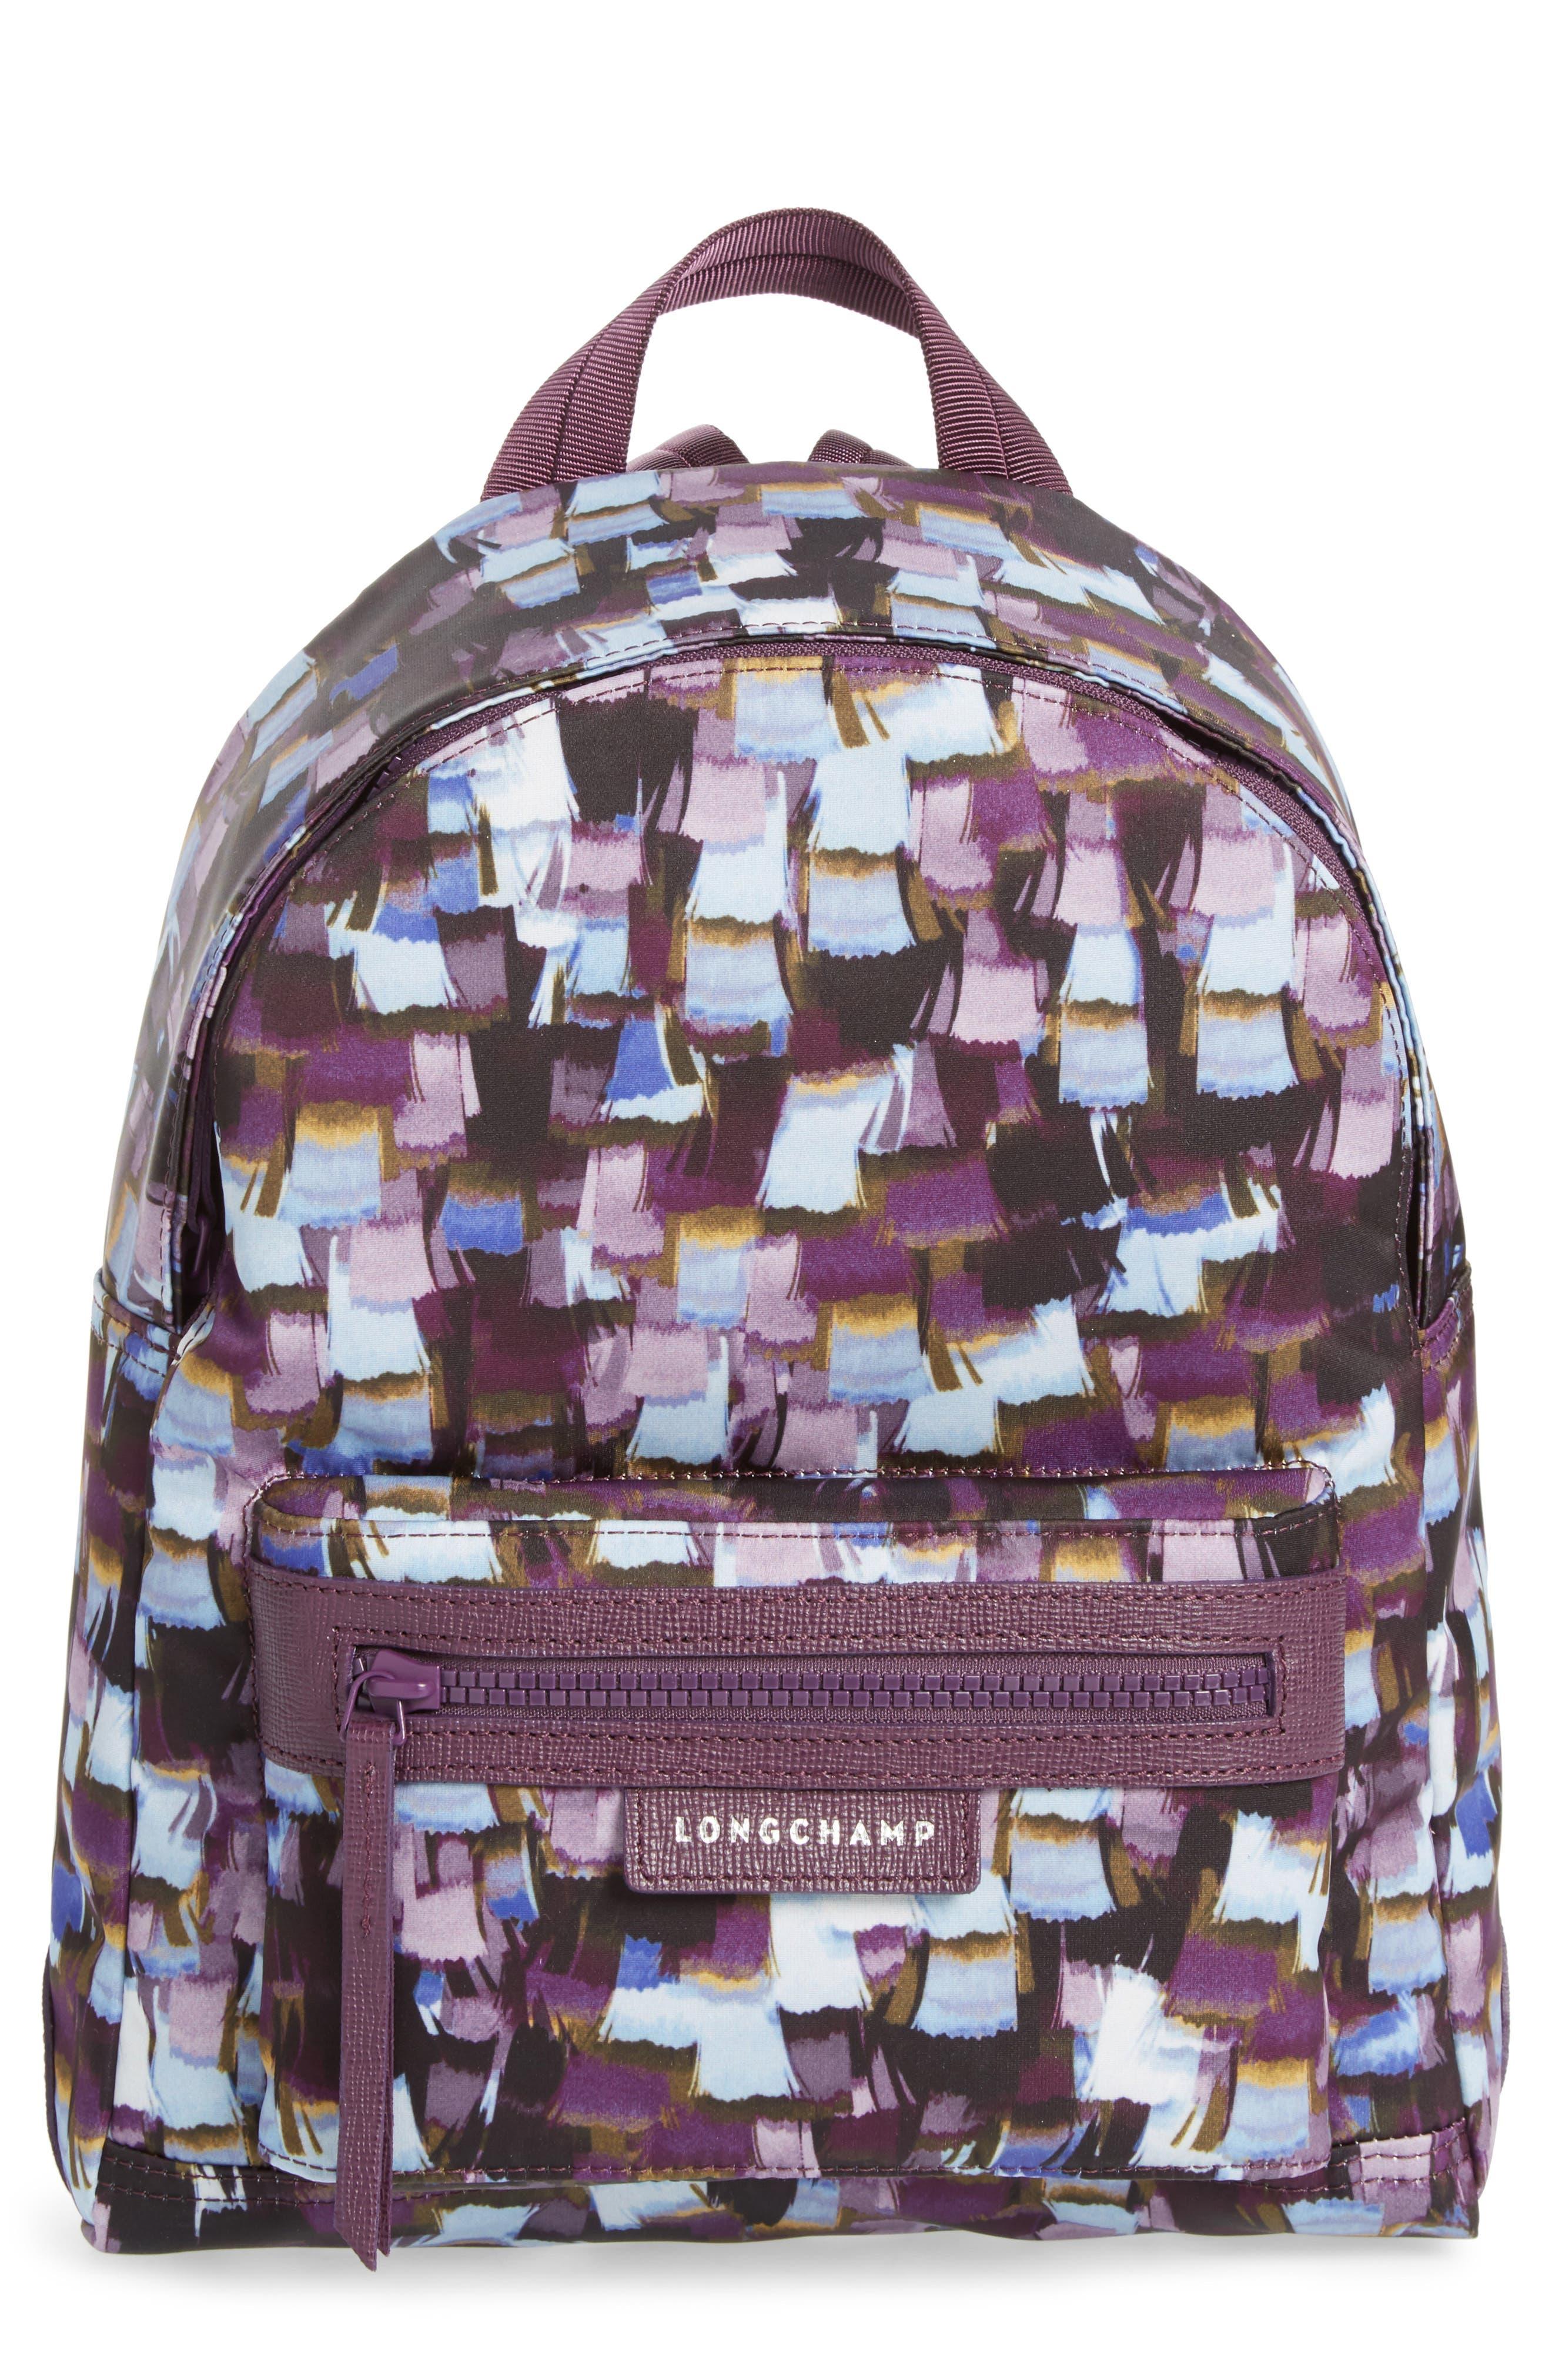 Le Pliage Neo - Vibrations Nylon Backpack,                             Main thumbnail 1, color,                             500